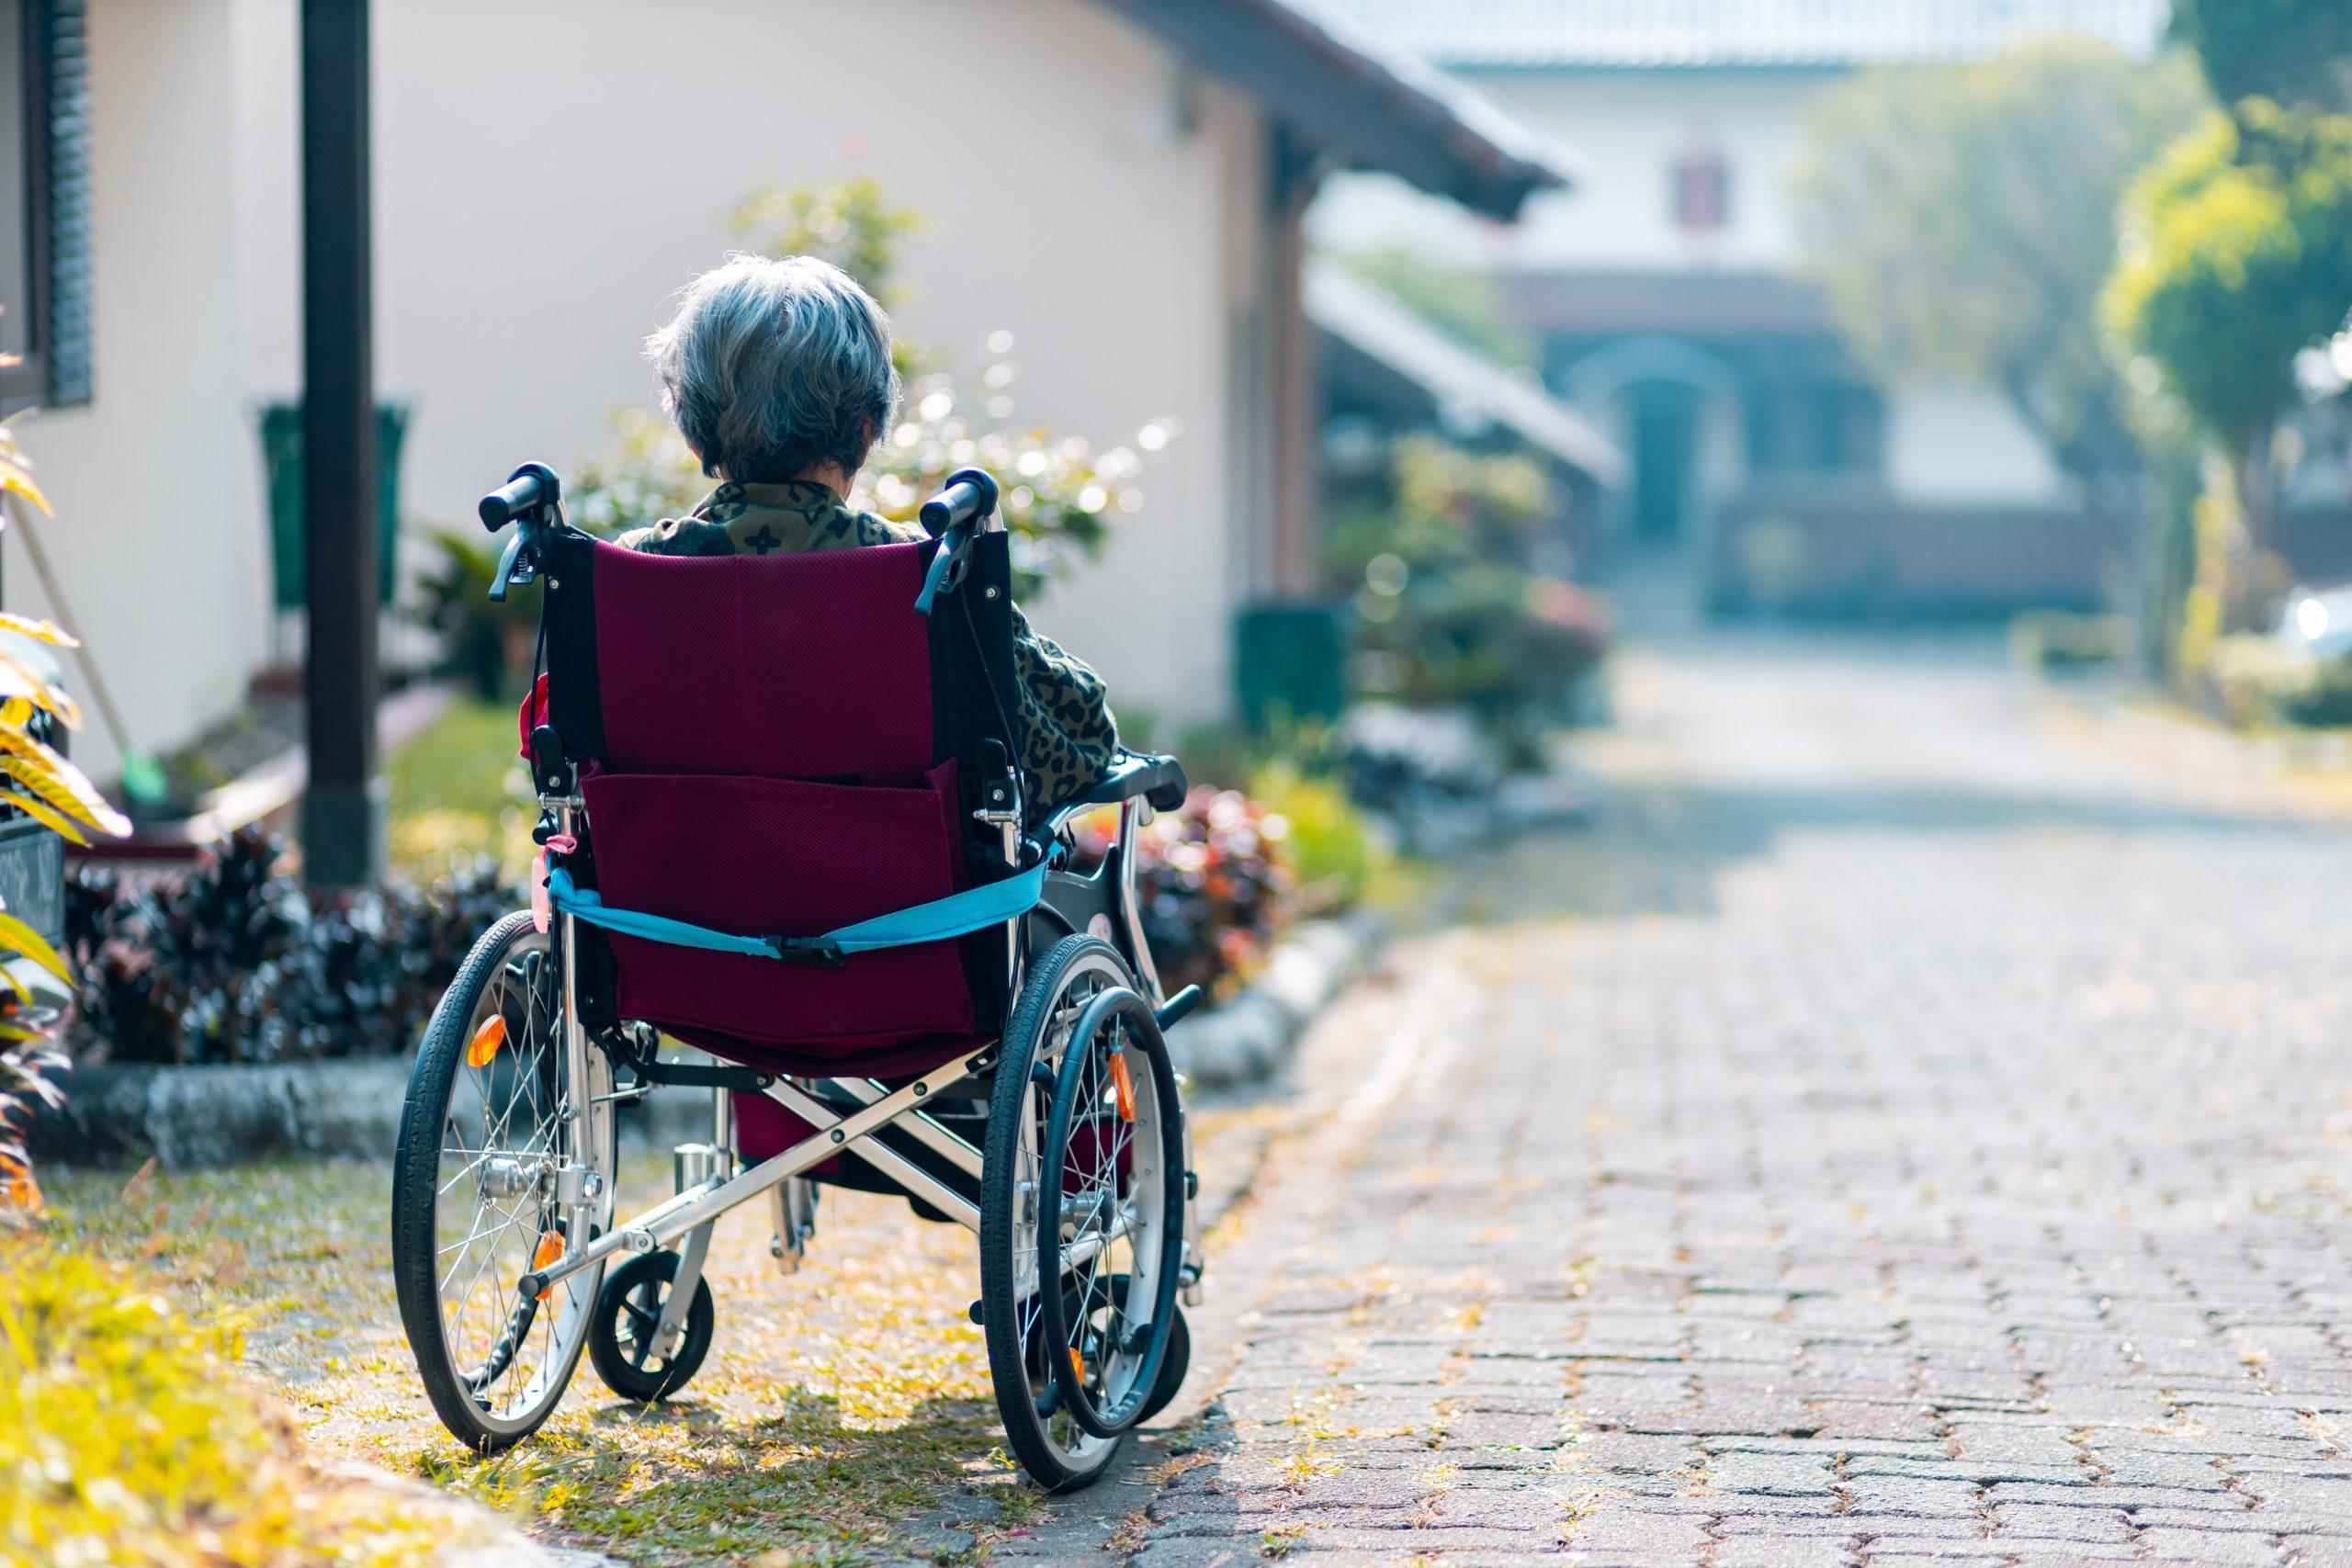 in-home senior care services Victoria BC